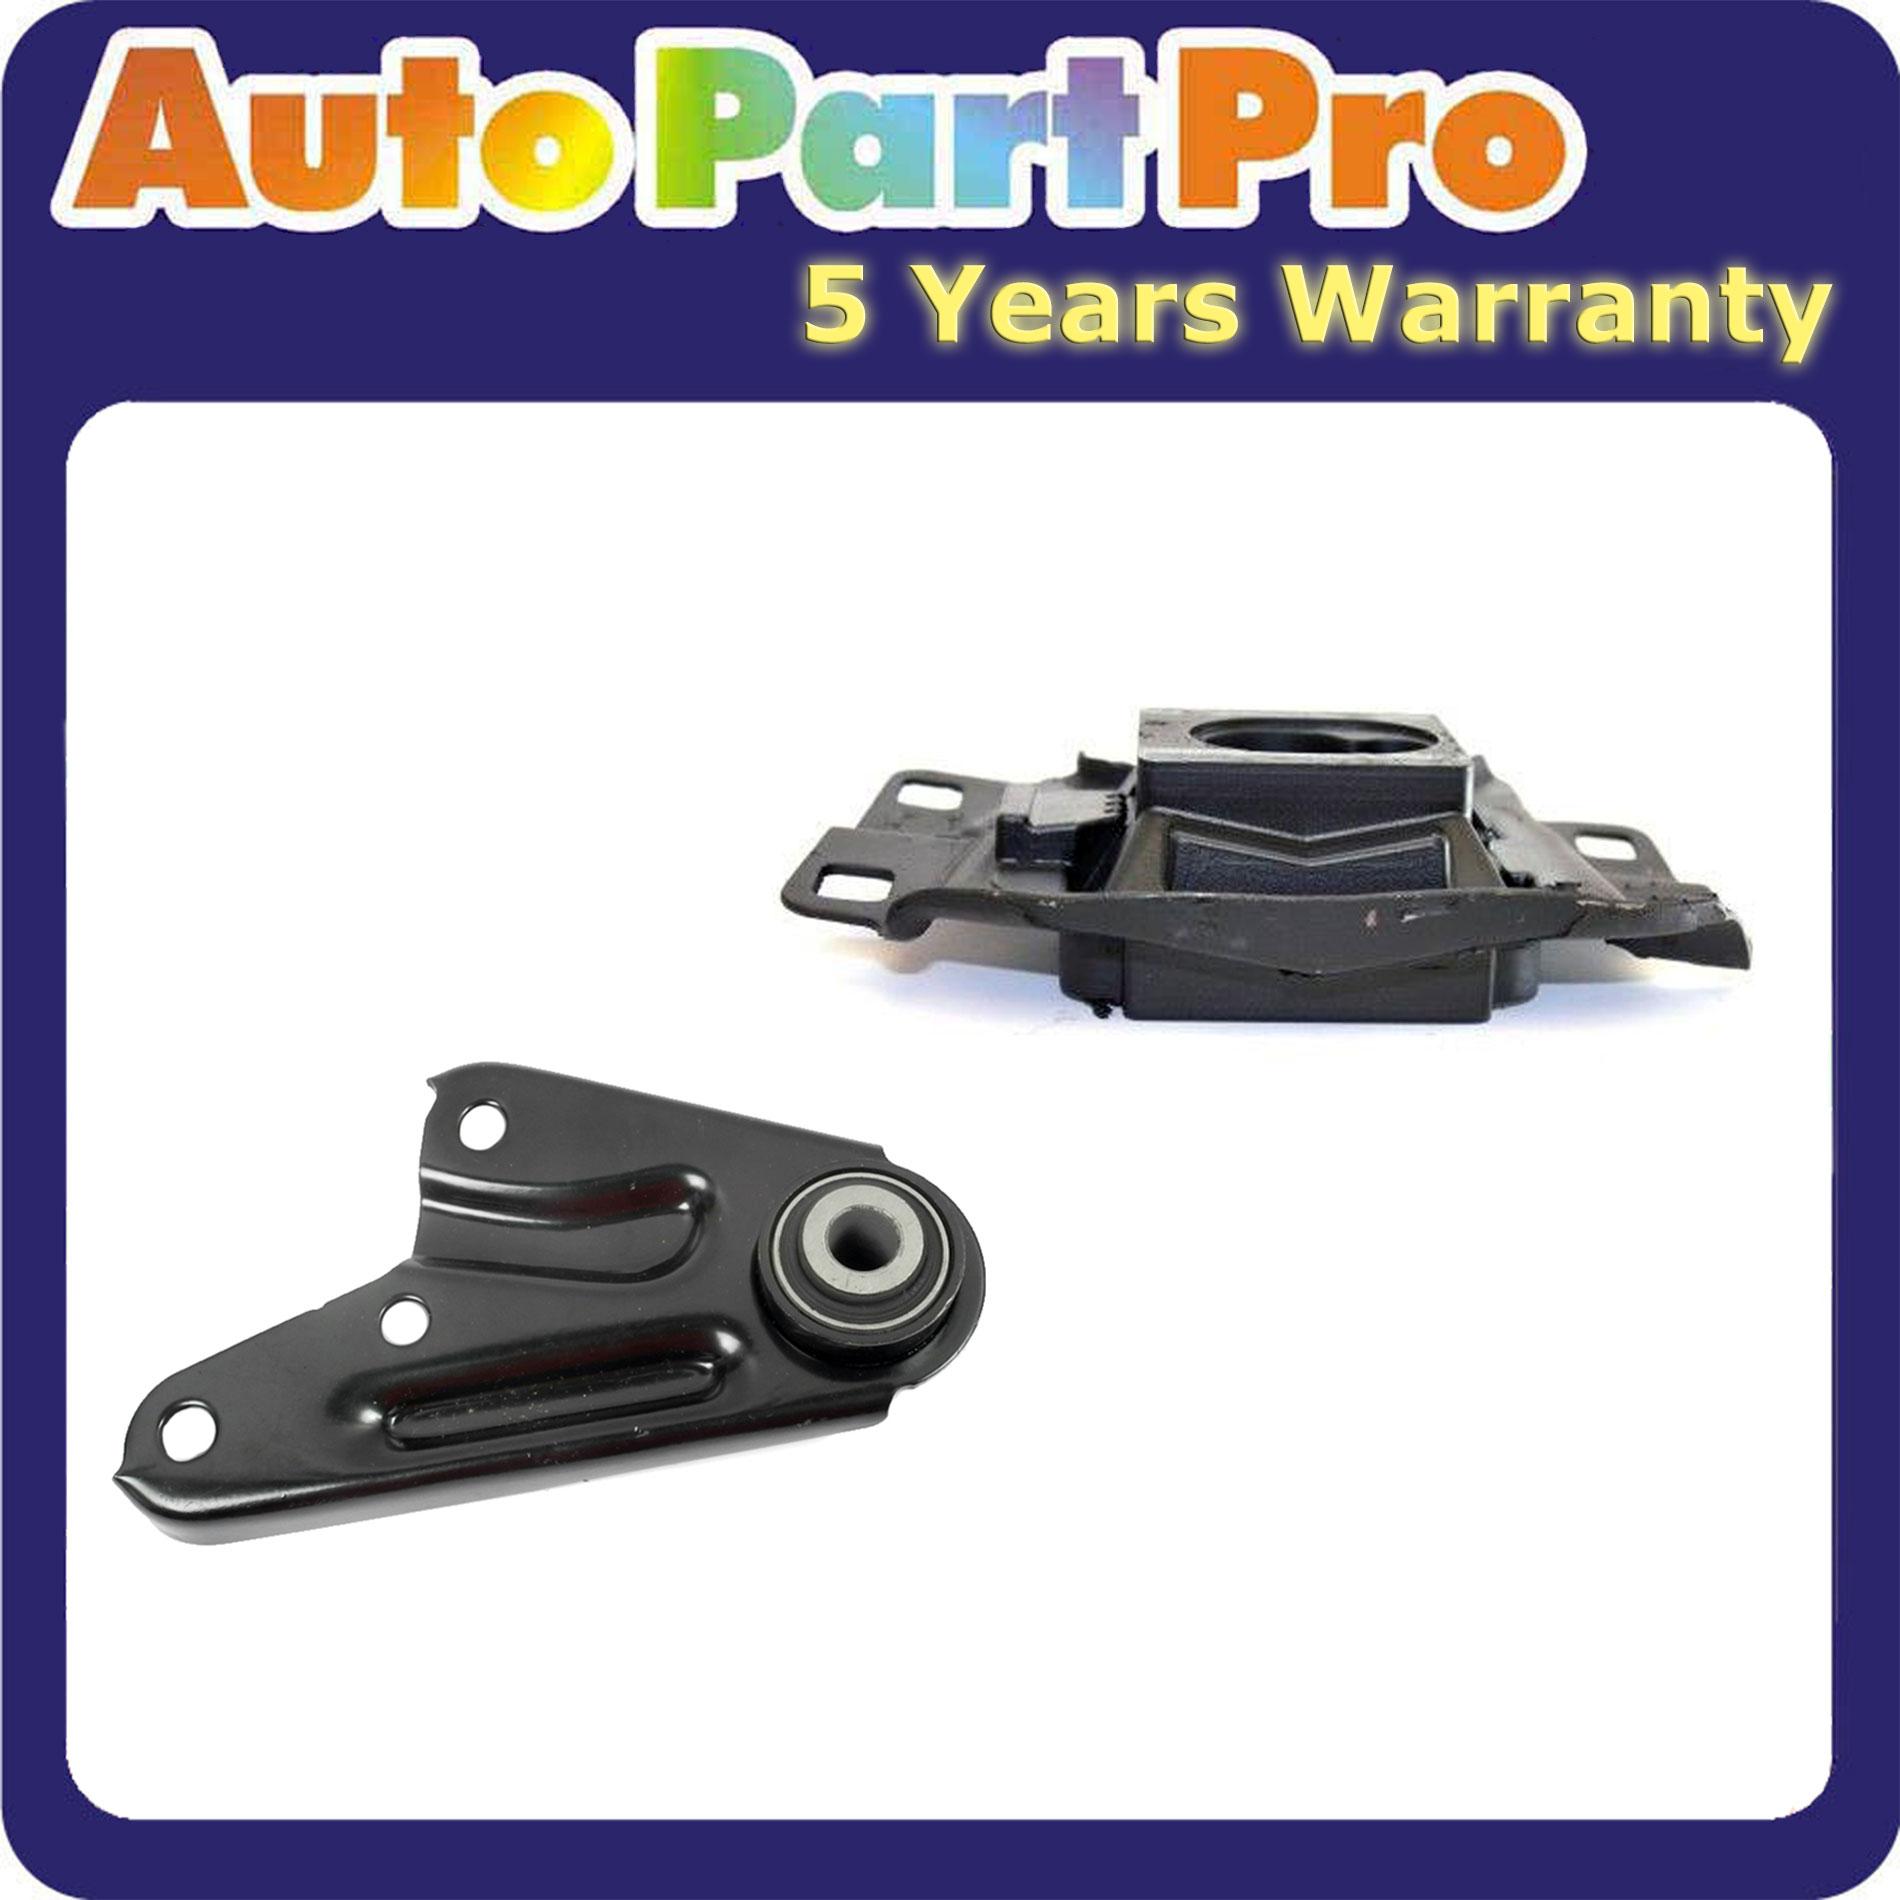 4402 4418 4421 Set For 2010 Mazda 3 GX 2.0L FWD Engine Motor /& Trans Mount